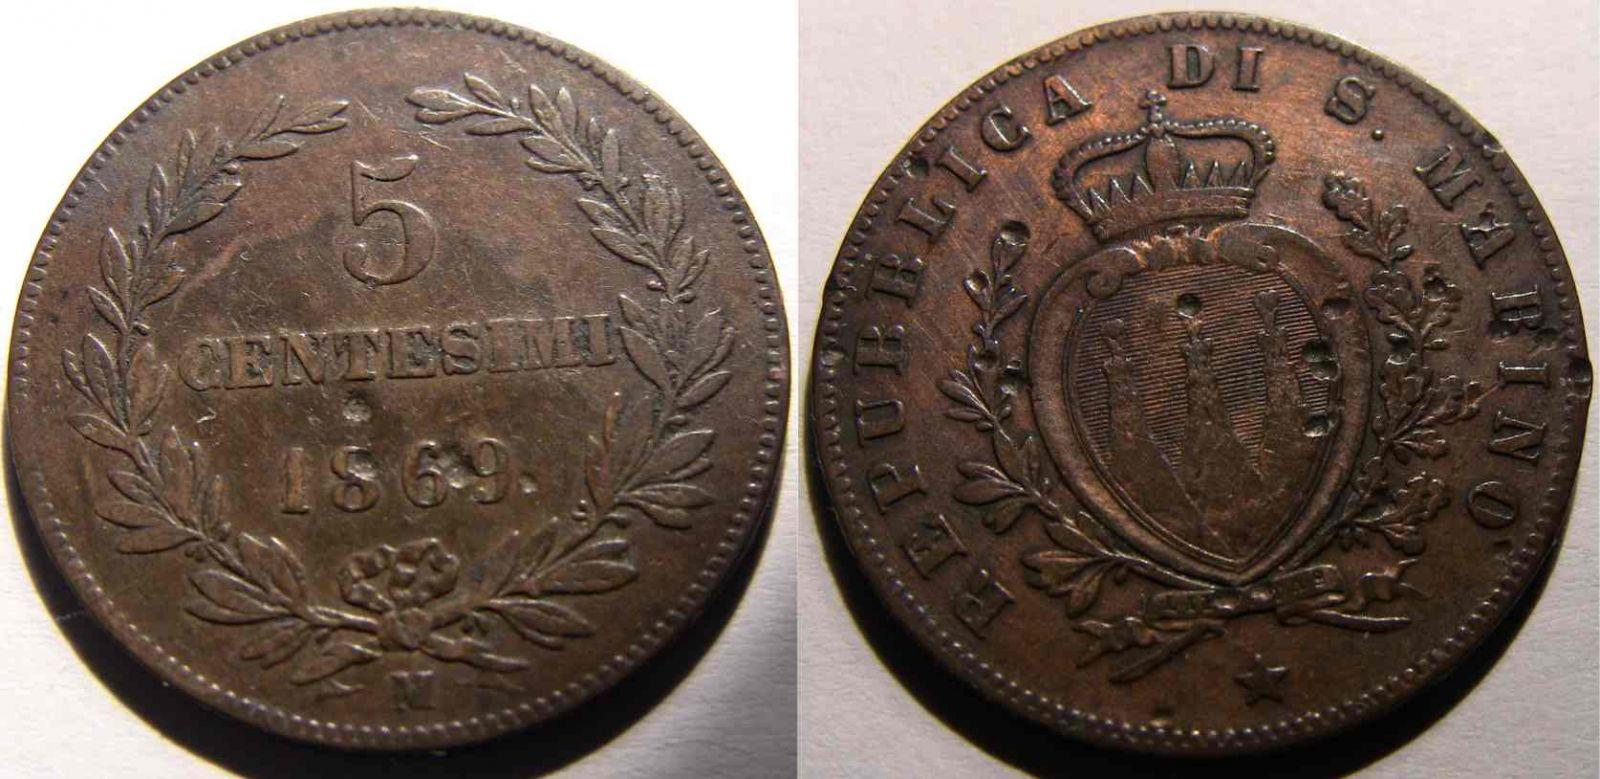 5 Centesimi 1869 San Marino